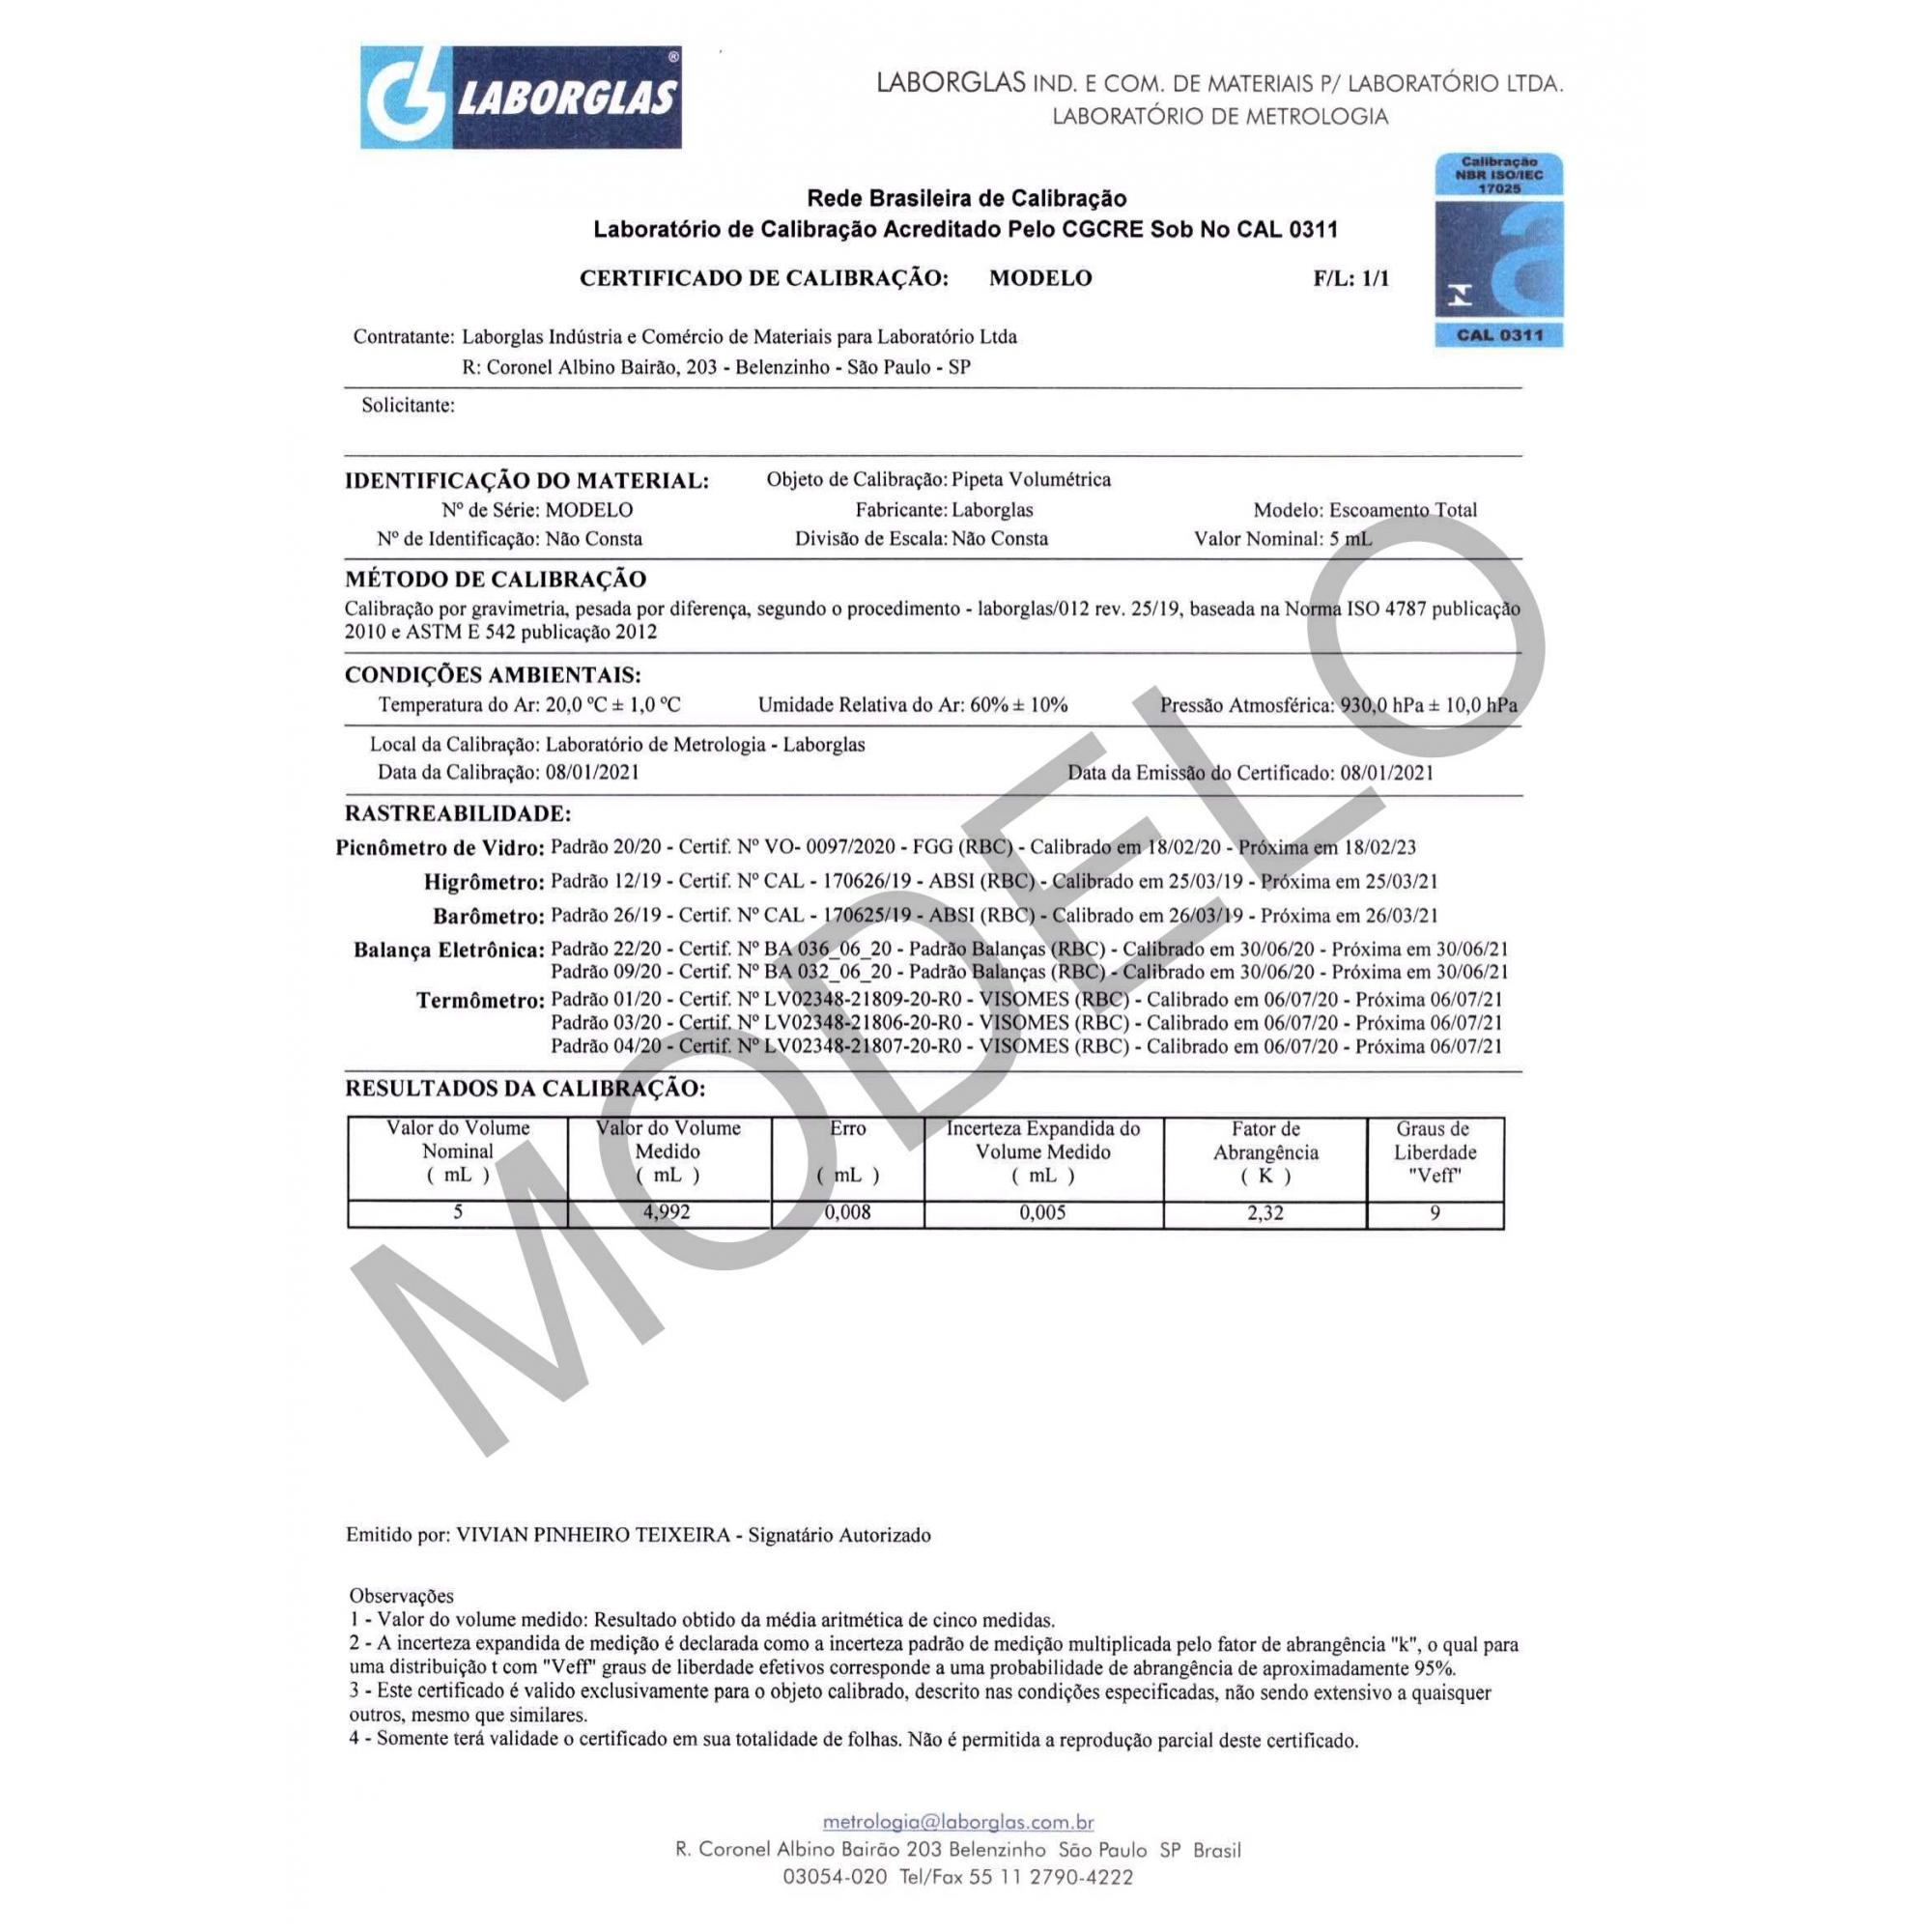 PIPETA VOLUMÉTRICA ESGOTAMENTO TOTAL CLASSE A  25 ML COM CERTIFICADO RBC - Laborglas - Cód. 9433815-R